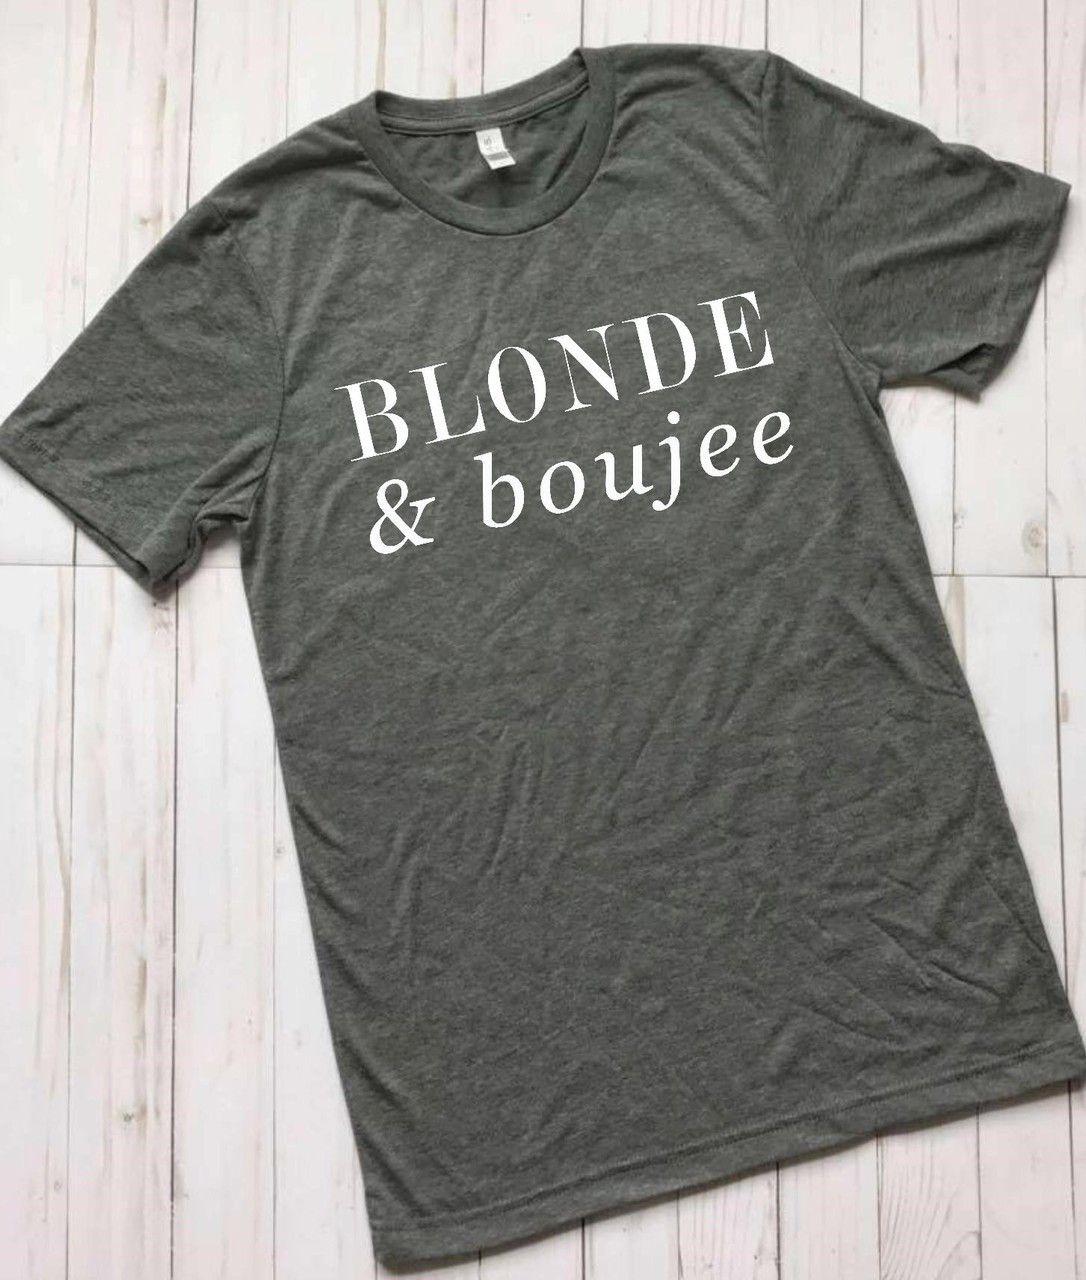 Blonde & boujee Tee